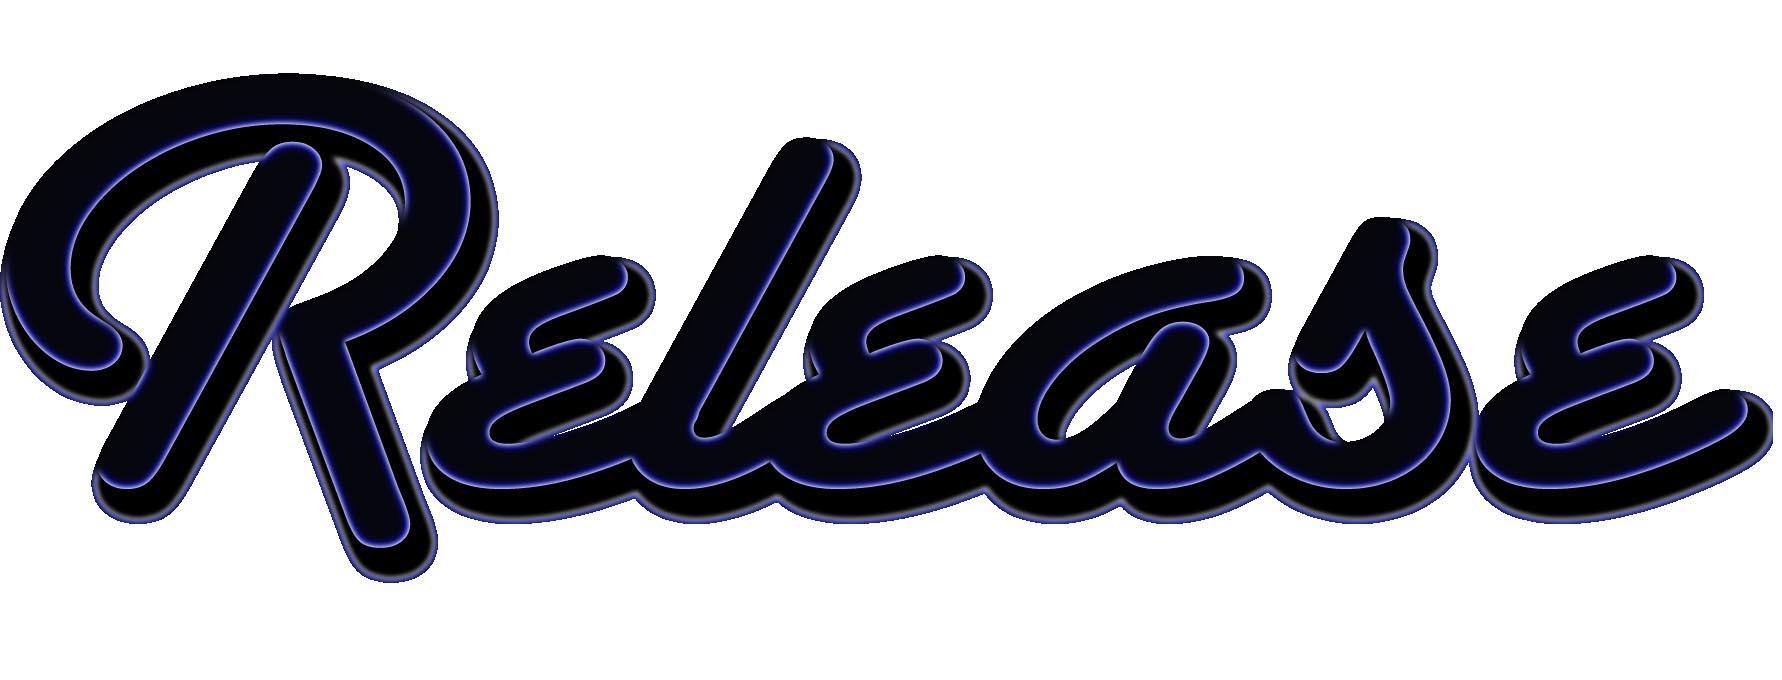 release-logo_2_glow__normal.jpg